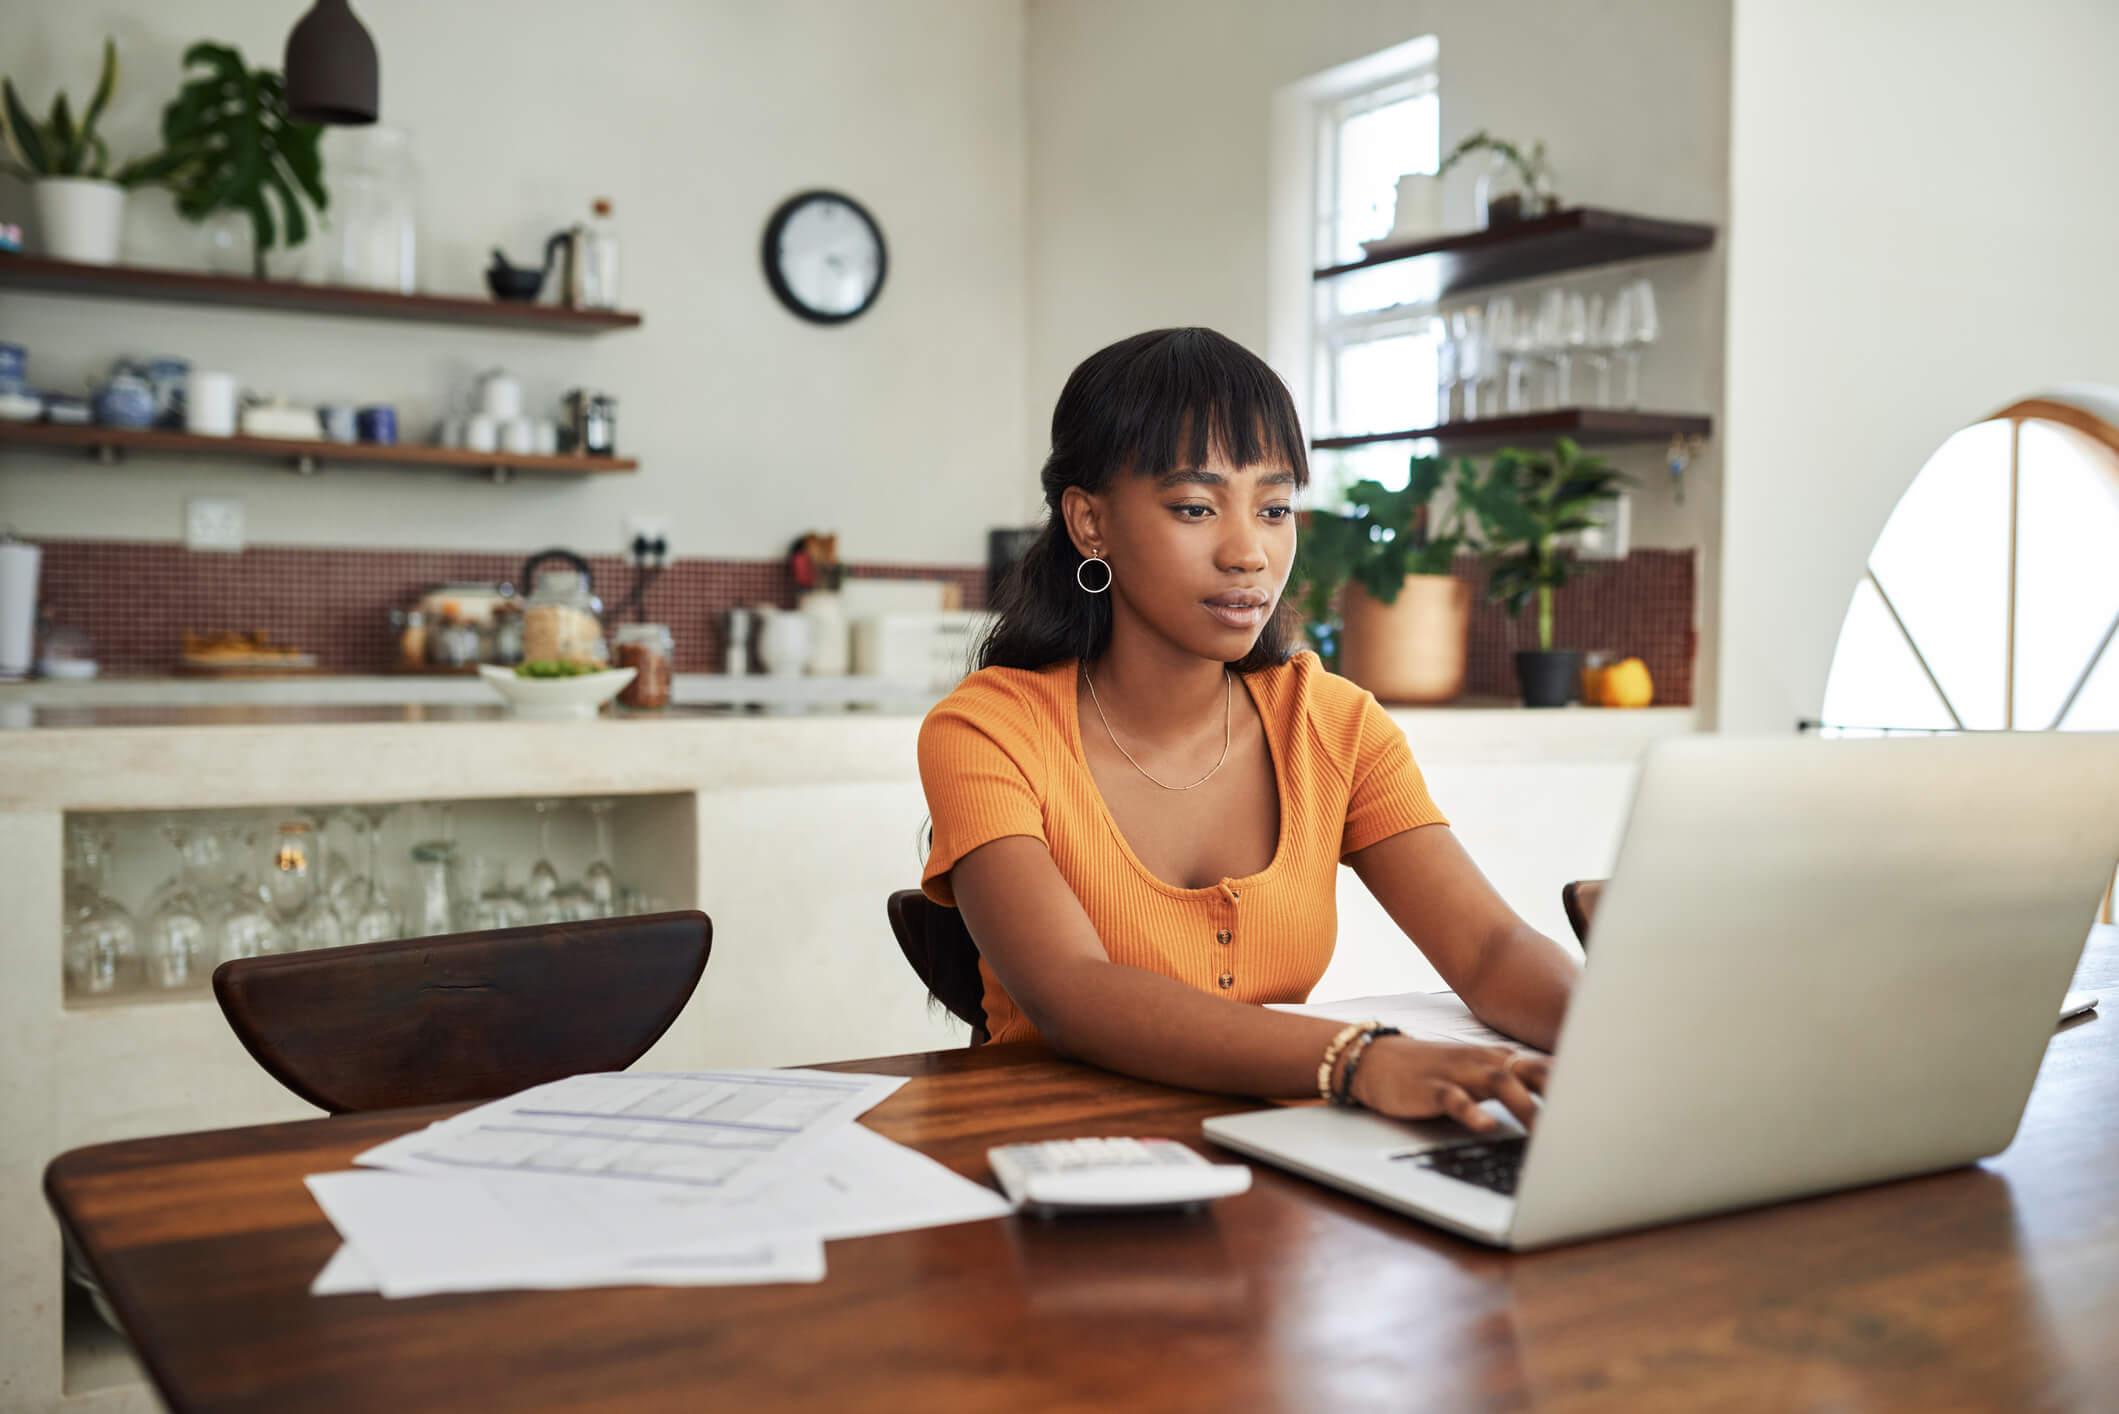 Você sabe como declarar seus investimentos no imposto de renda?